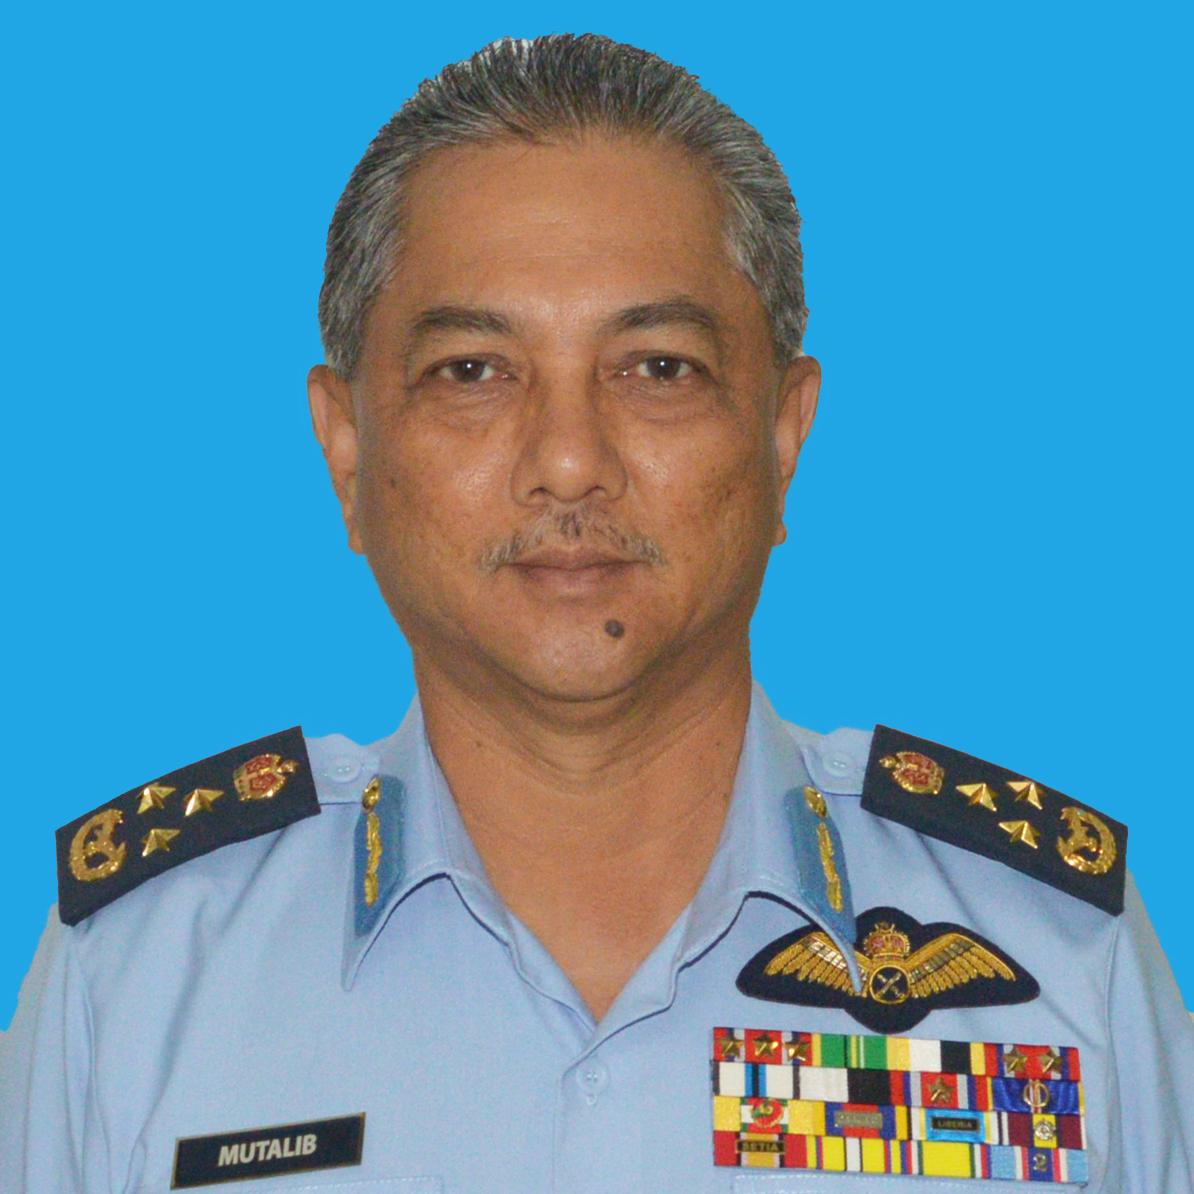 Lt. General Dato Sri' Hj Abdul Mutalib bin Datuk Hj Ab Wahab